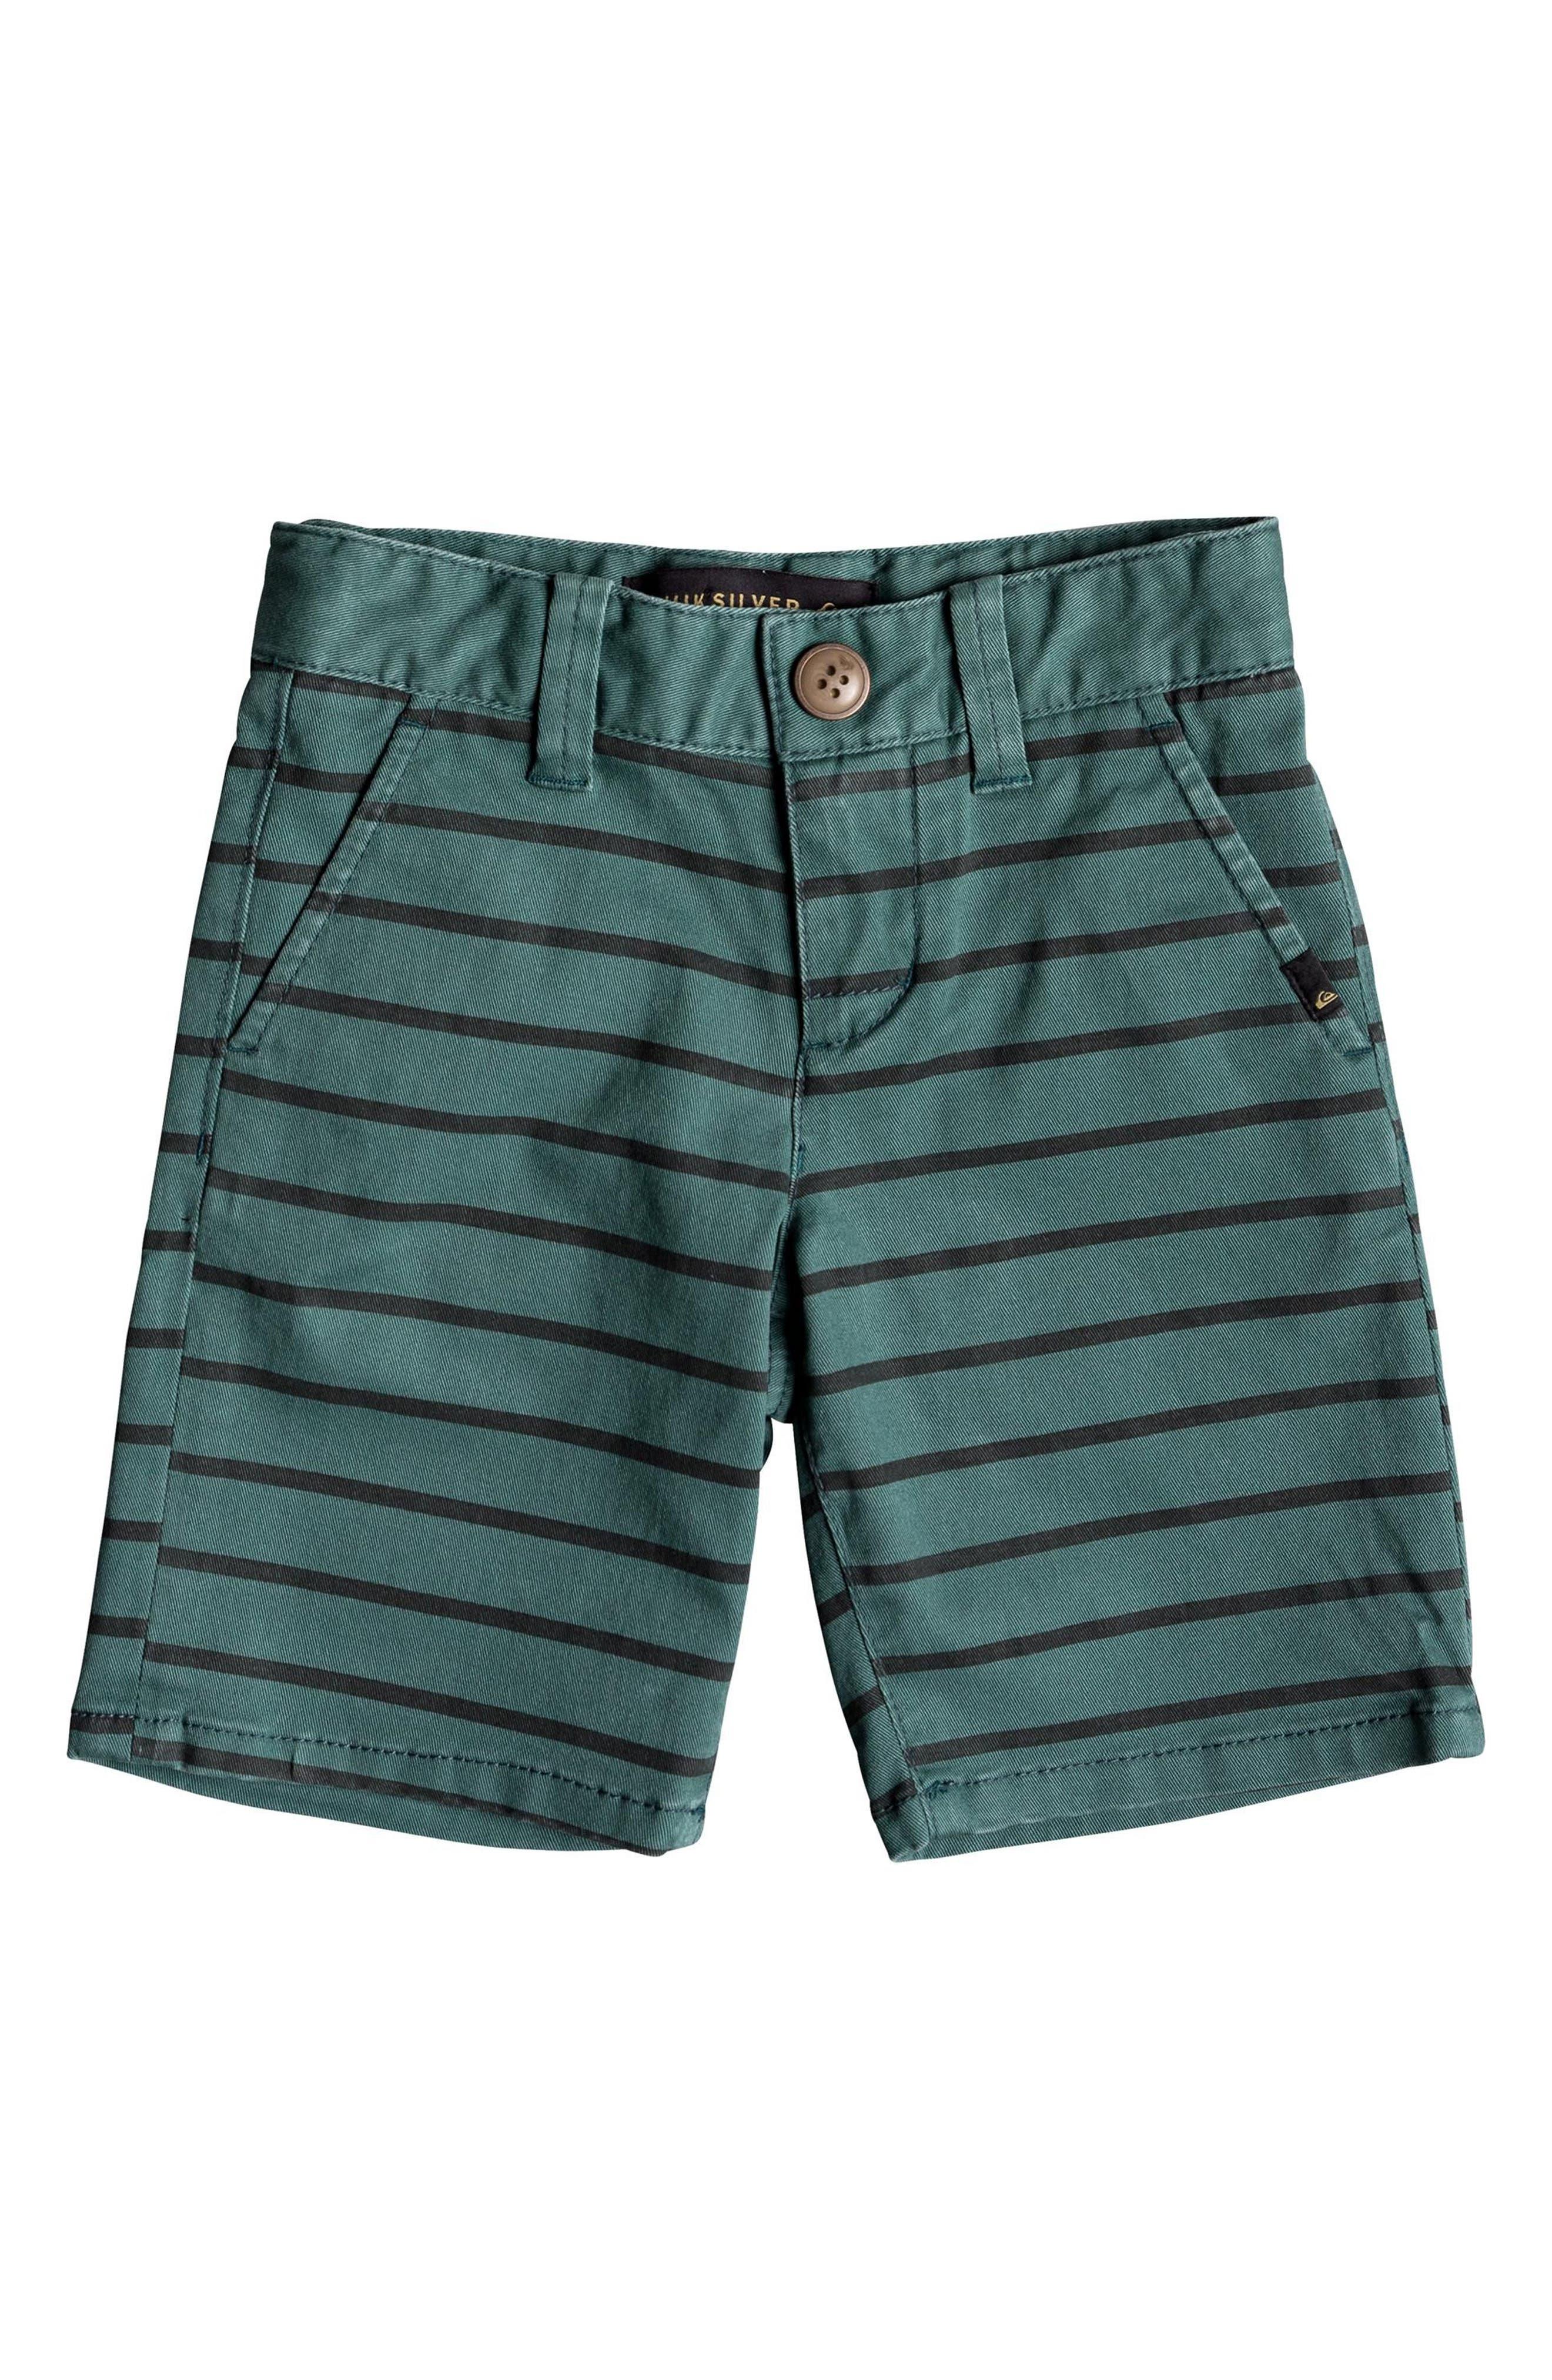 Waiku Stripe Shorts,                         Main,                         color, MALLARD GREEN